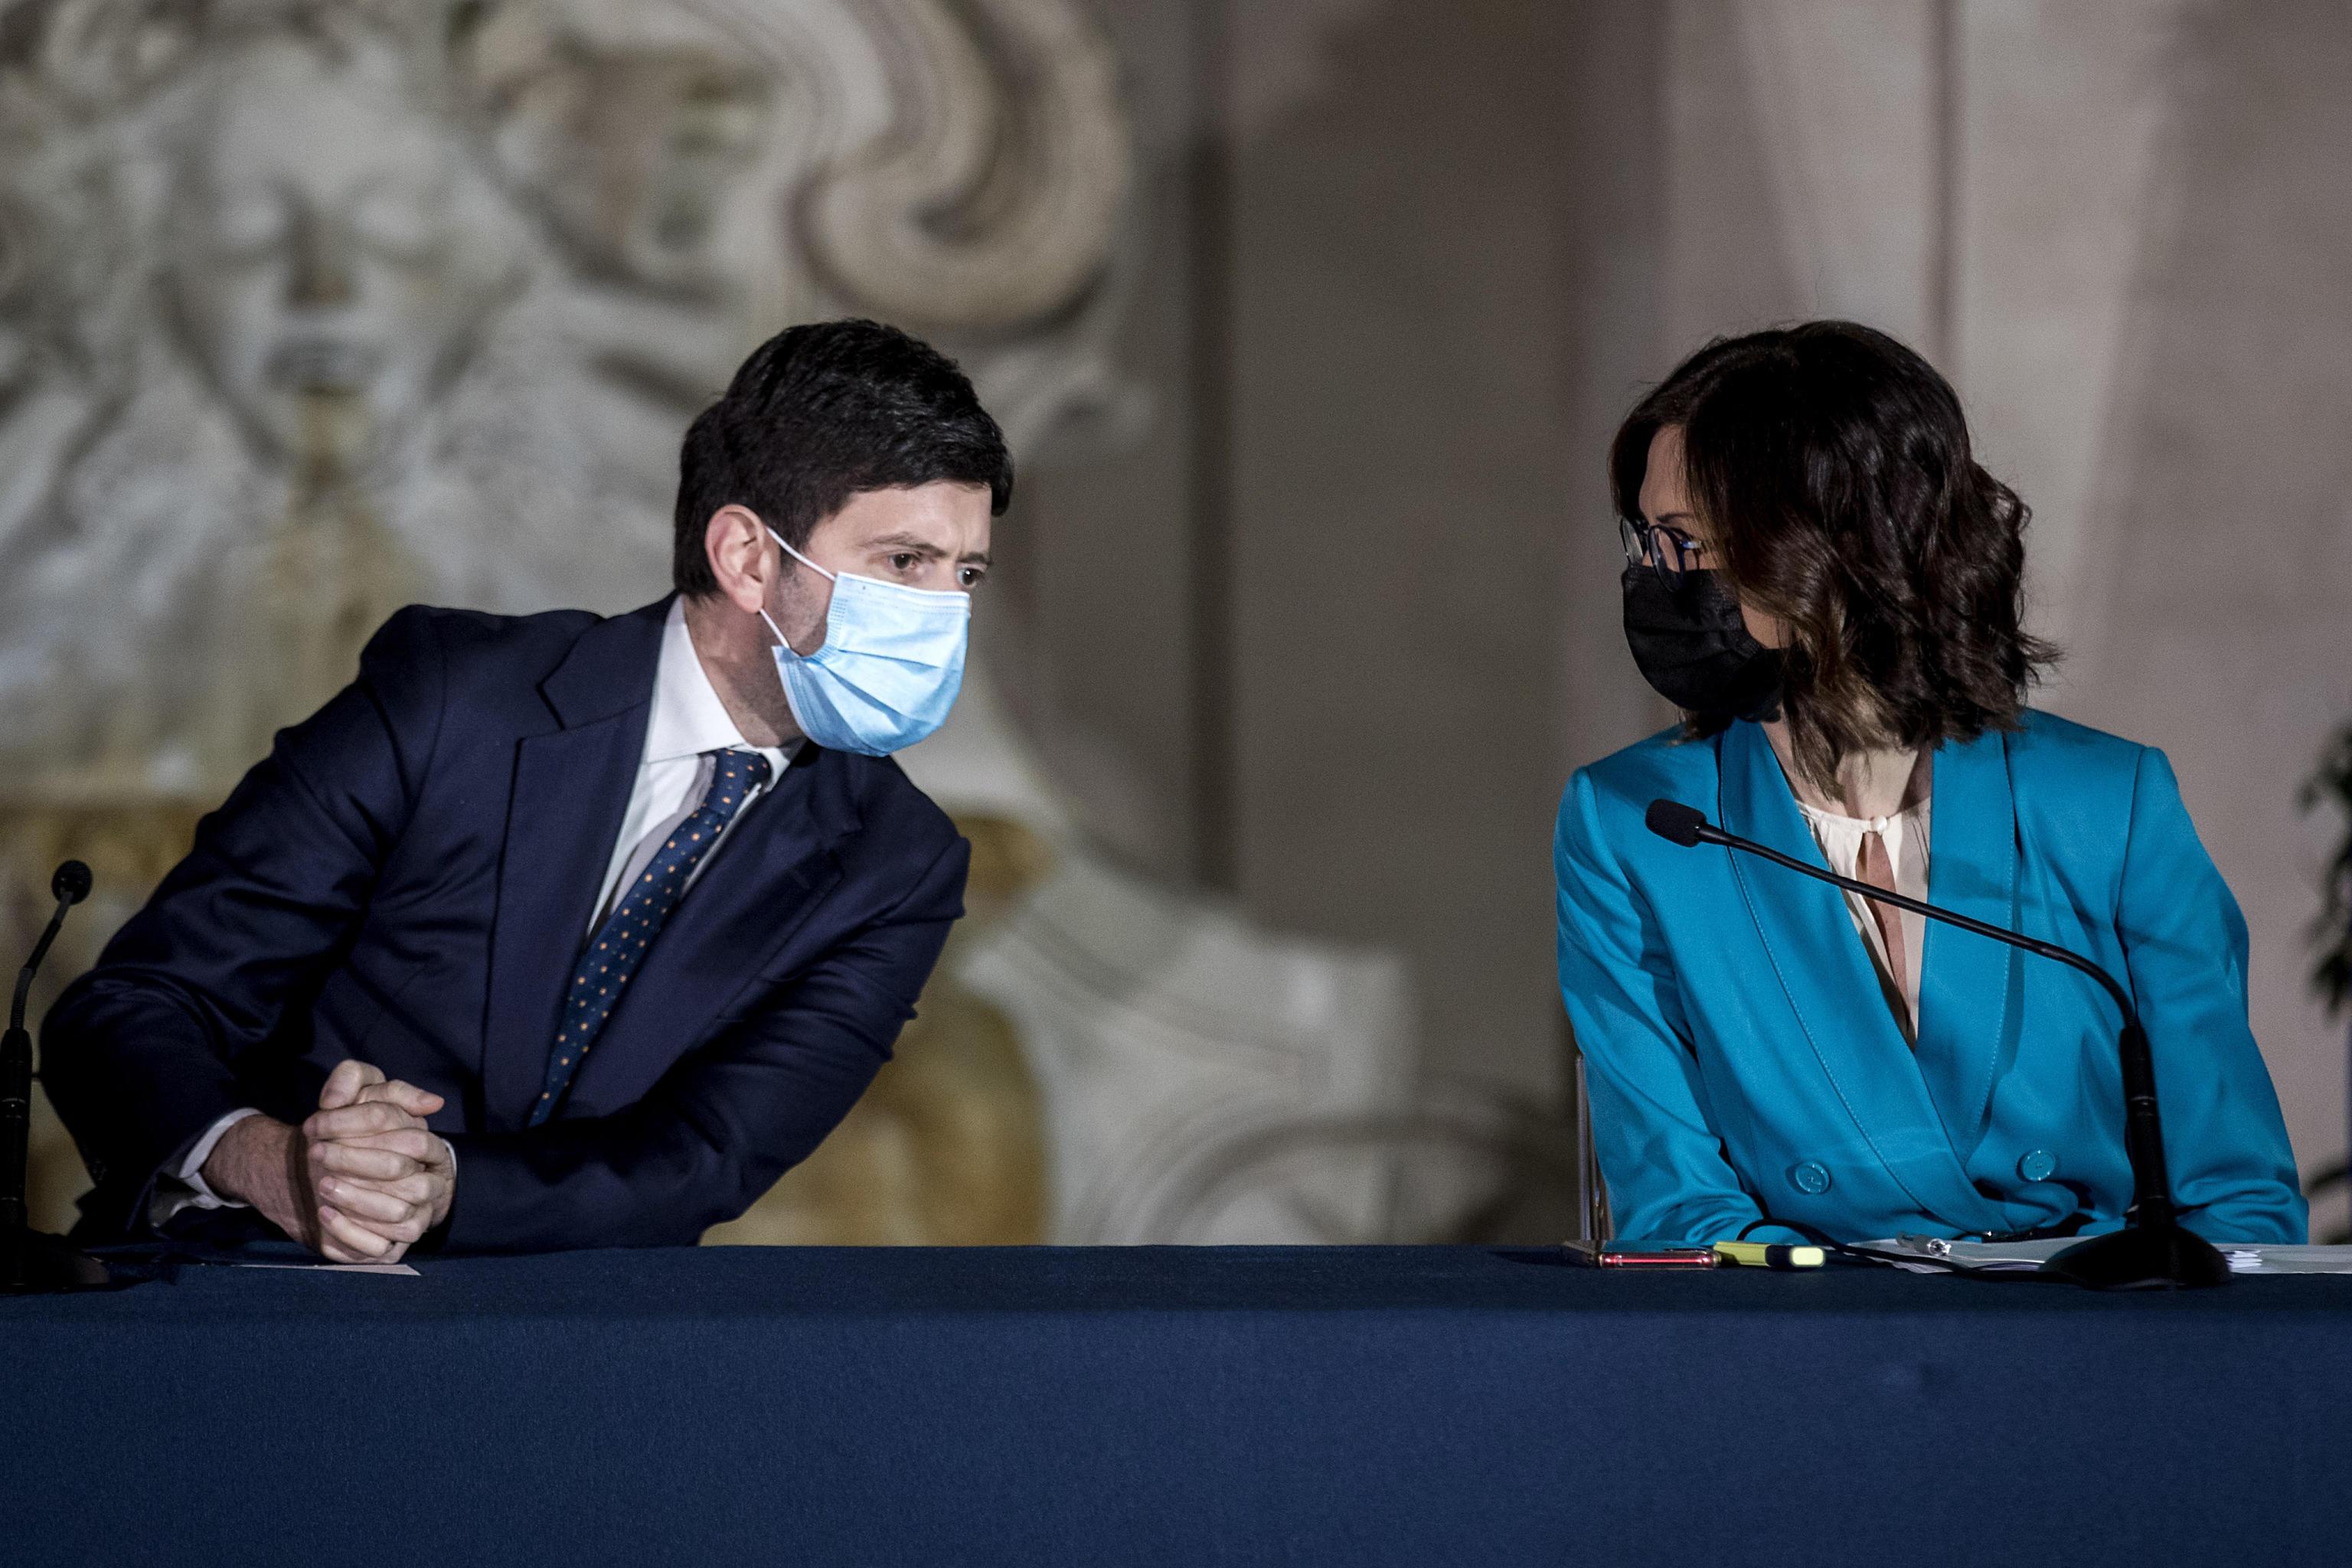 Coronavirus, il governo studia già nuove restrizioni: coprifuoco anticipato e altri limiti agli spostamenti. ...